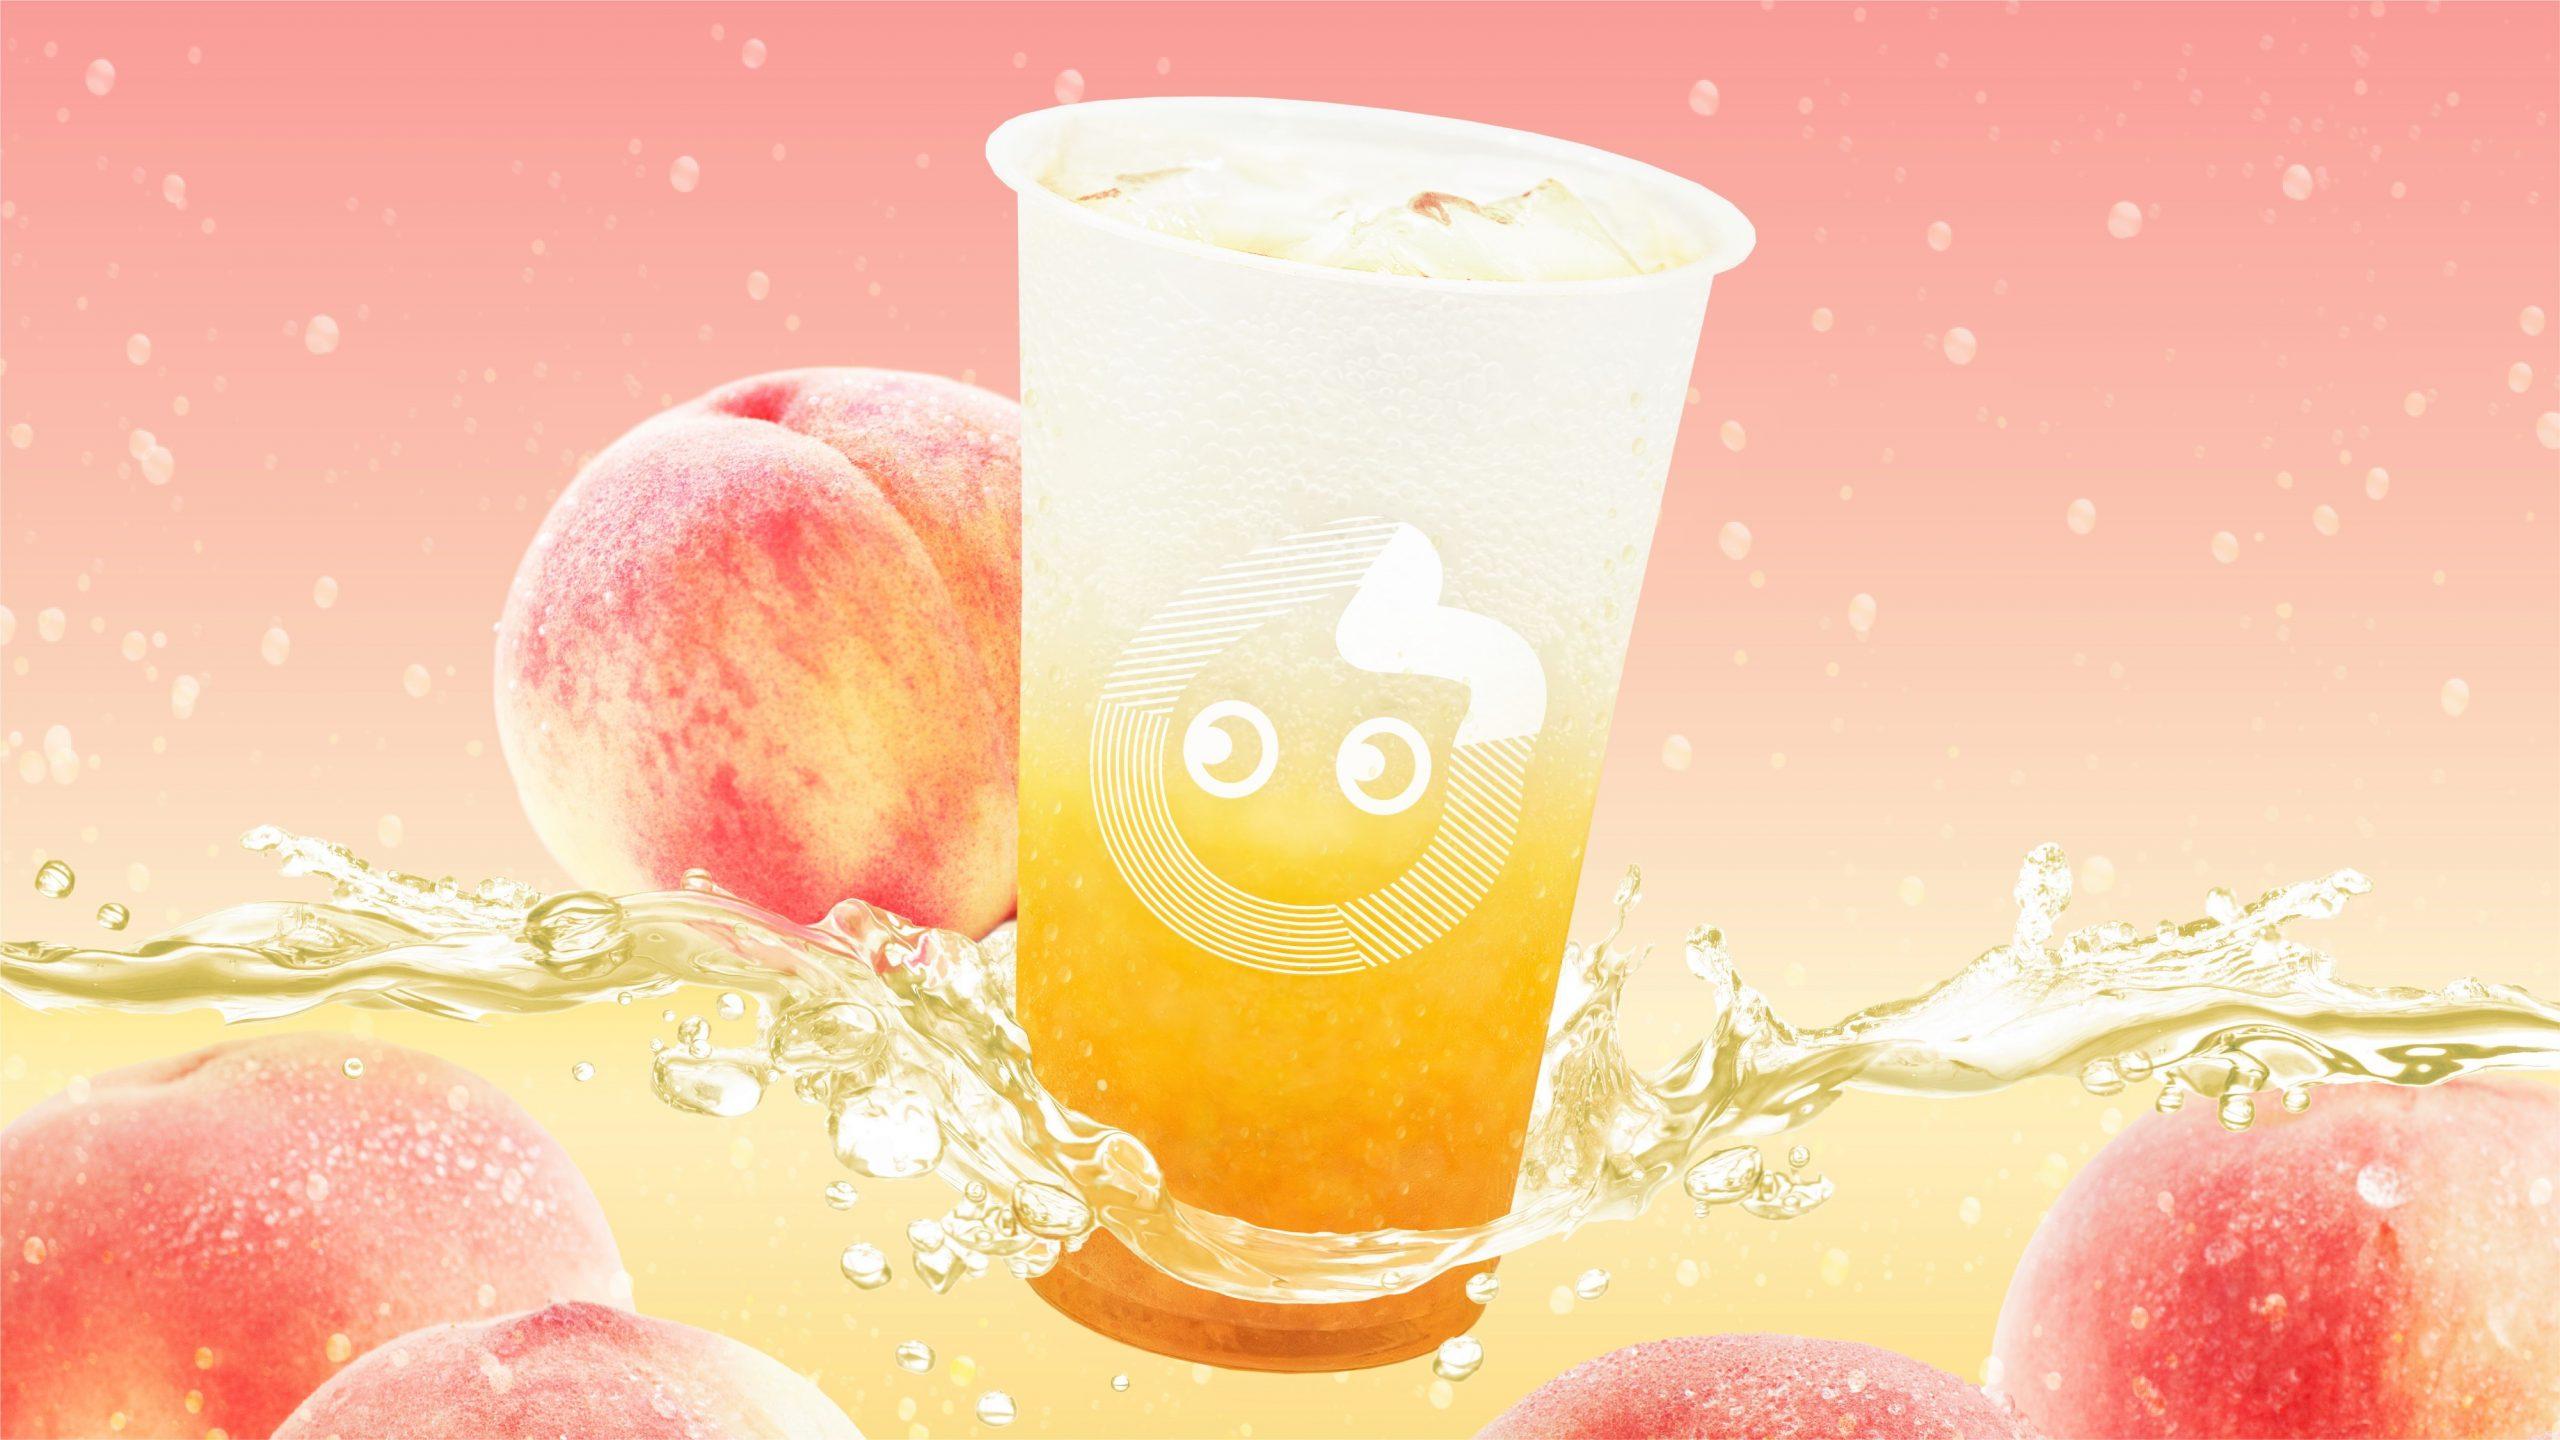 CoCo都可初の炭酸飲料! 暑い季節にぴったりの「ピーチソーダ」